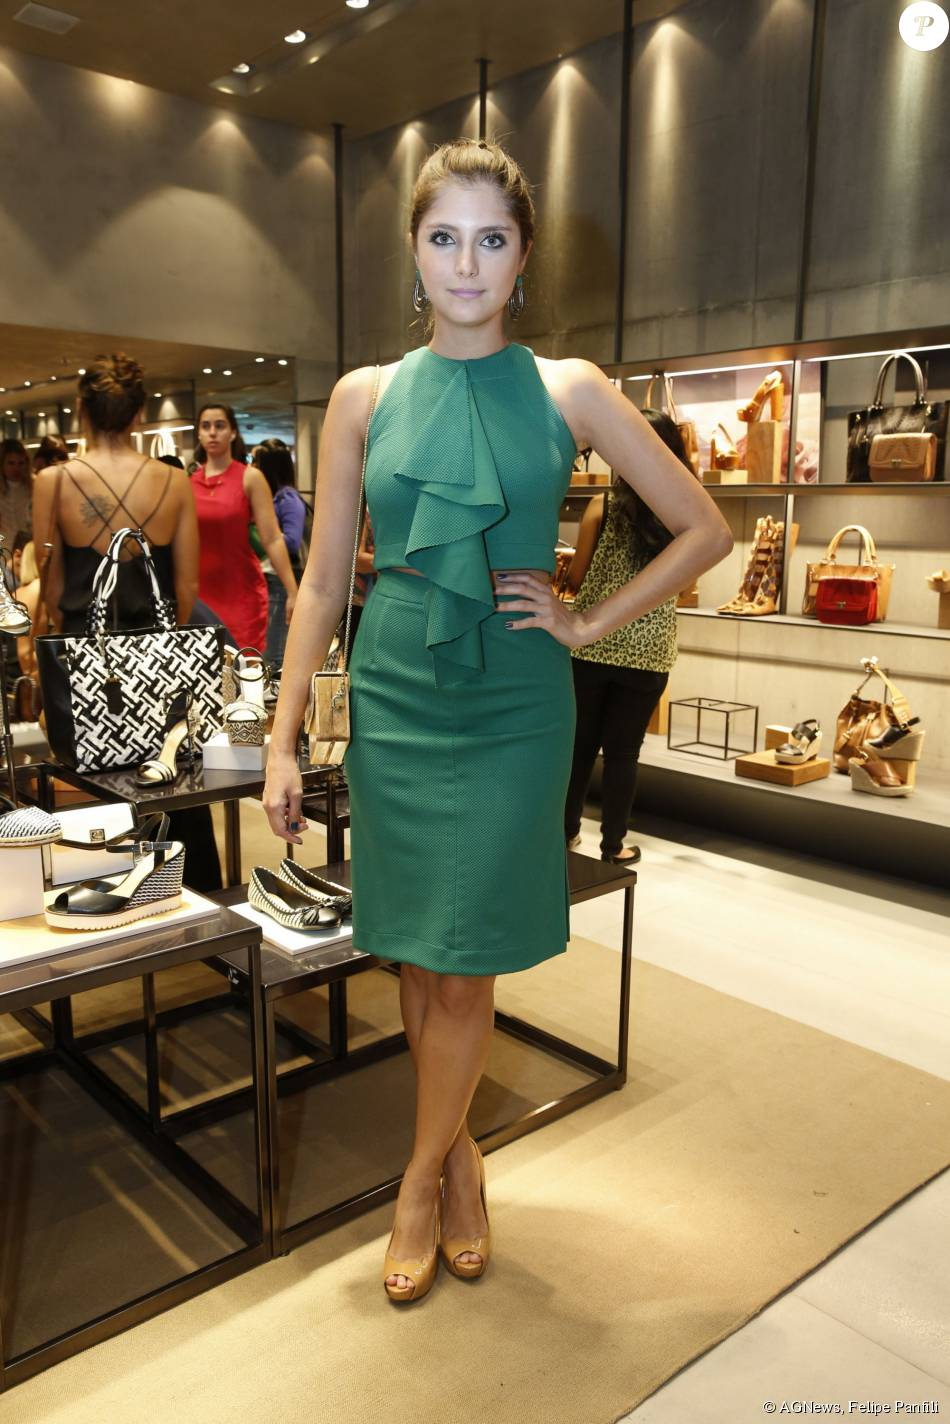 dc8c305751162 Tammy Di Calafiori também prestigiou o lançamento da coleção verão 2016 de  uma marca de sapatos